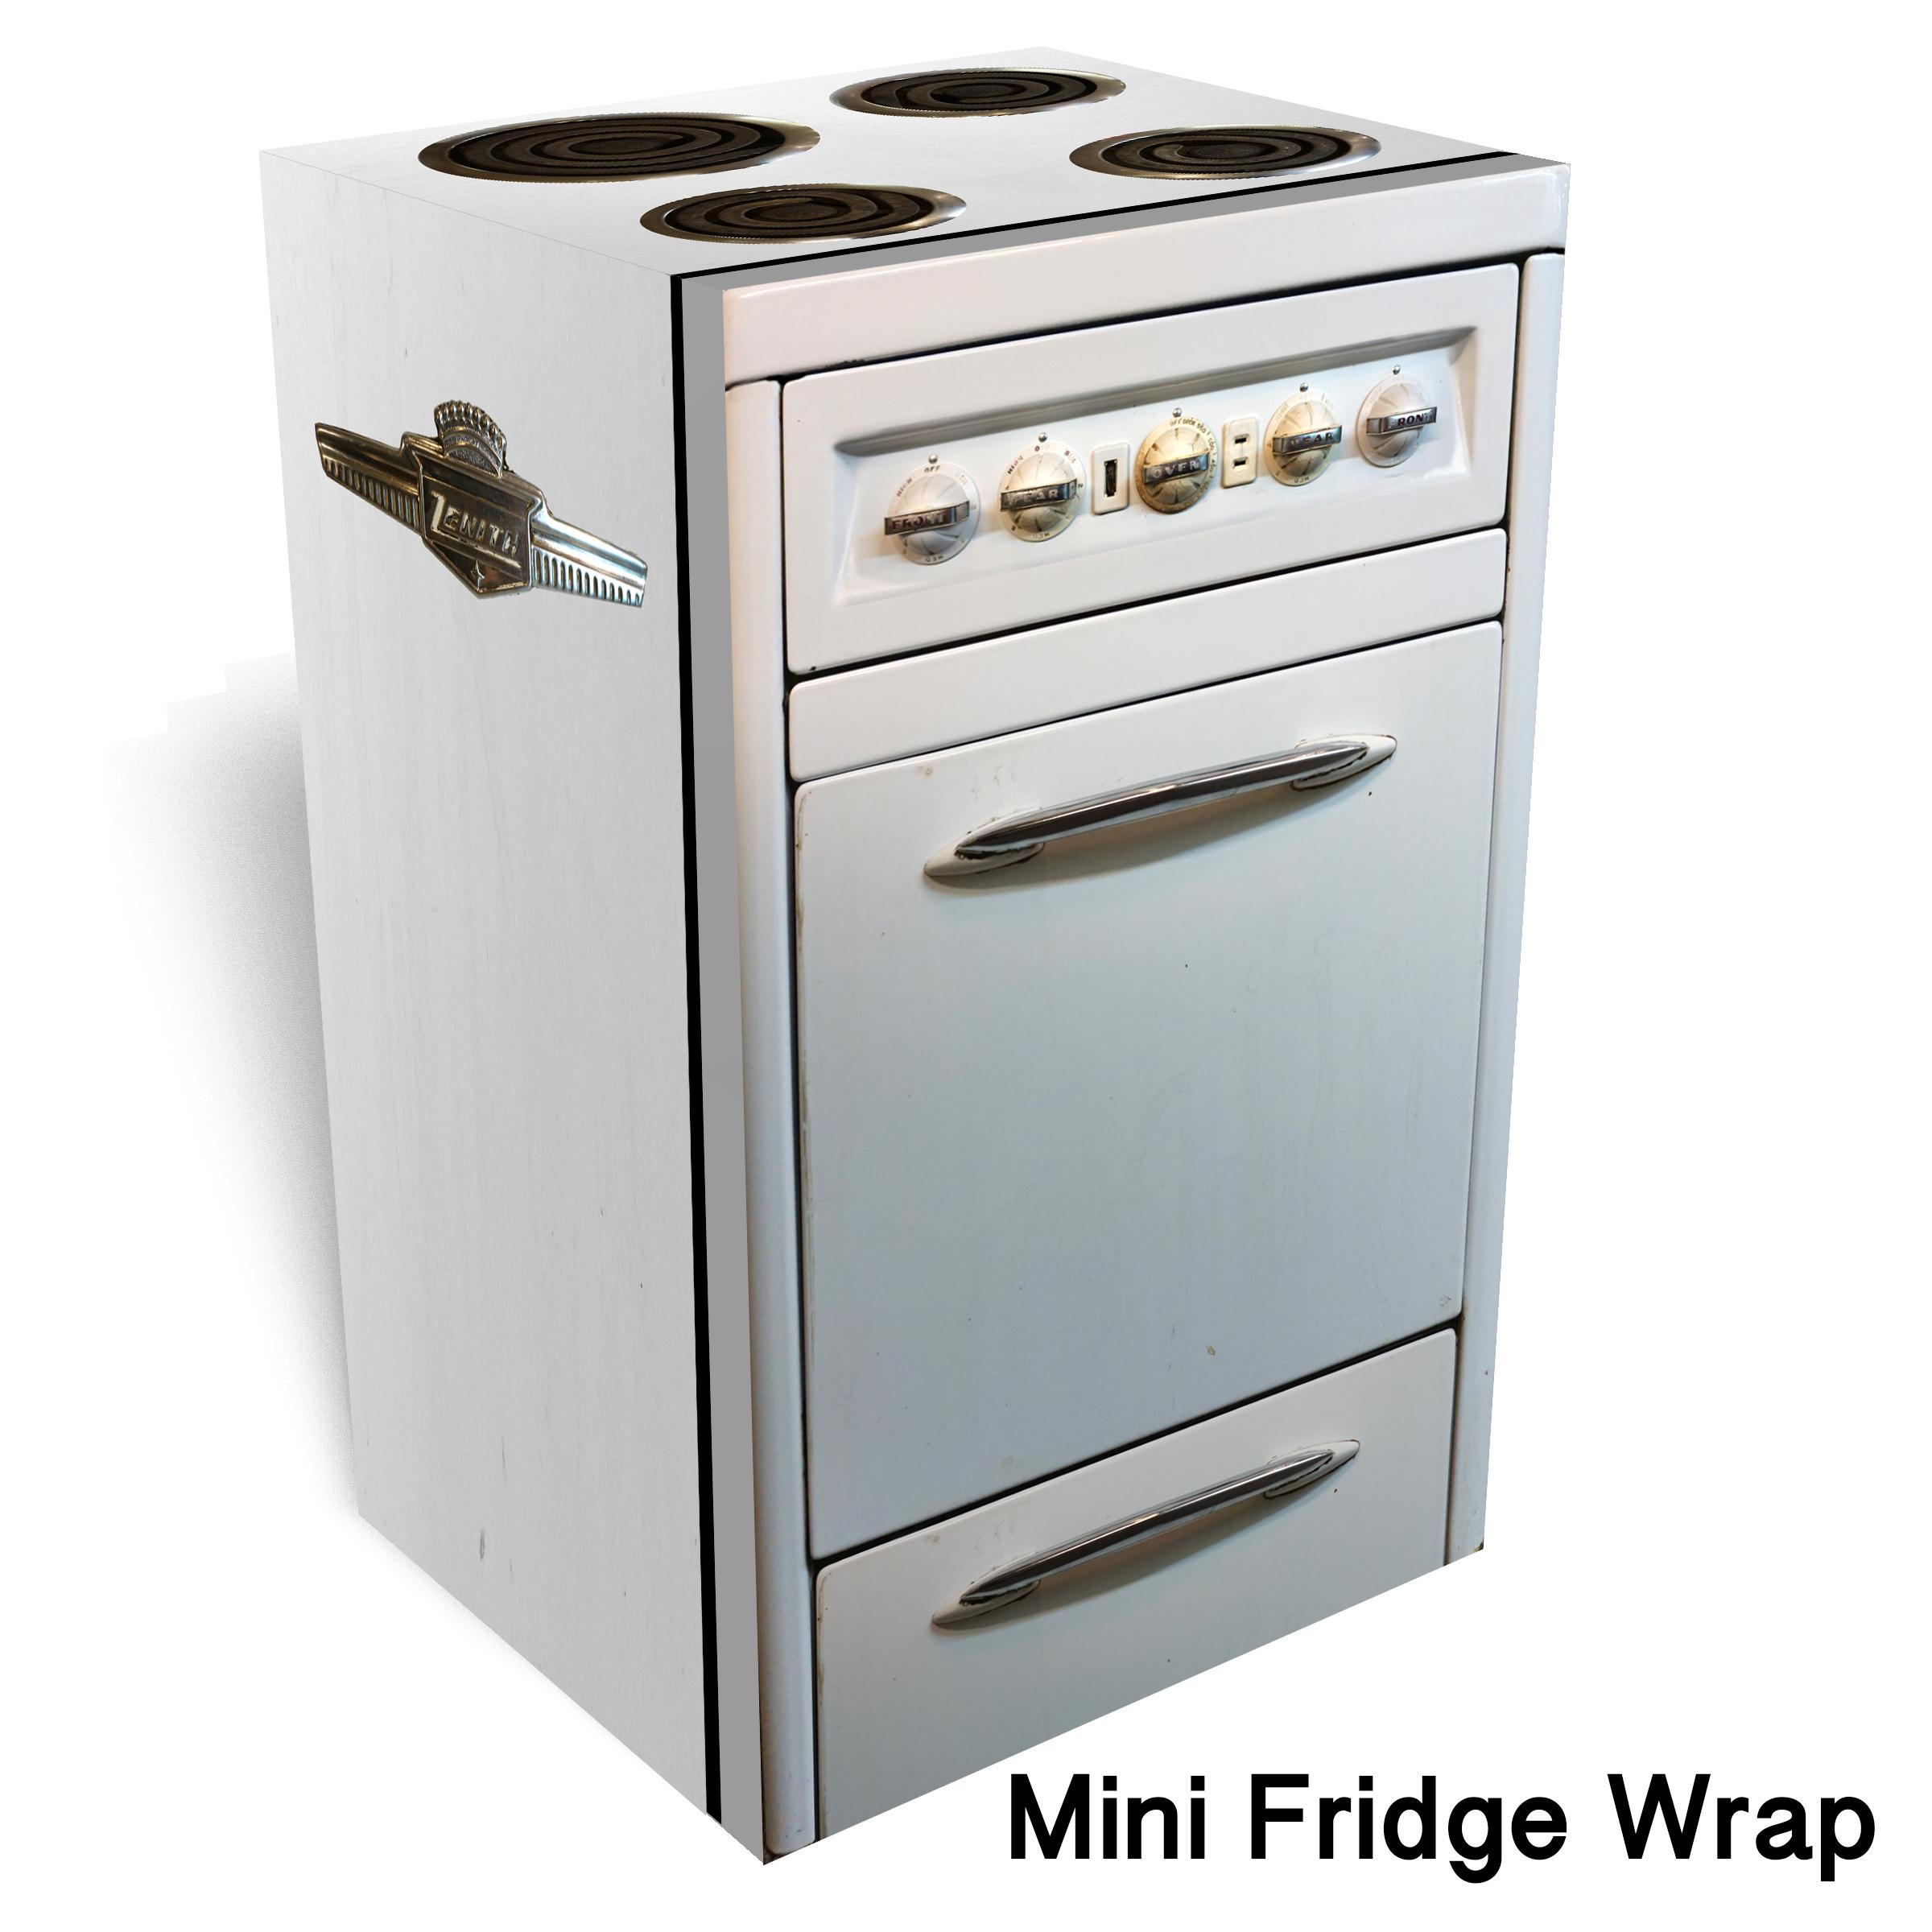 Zenith Vintage Oven Mini Fridge Wrap